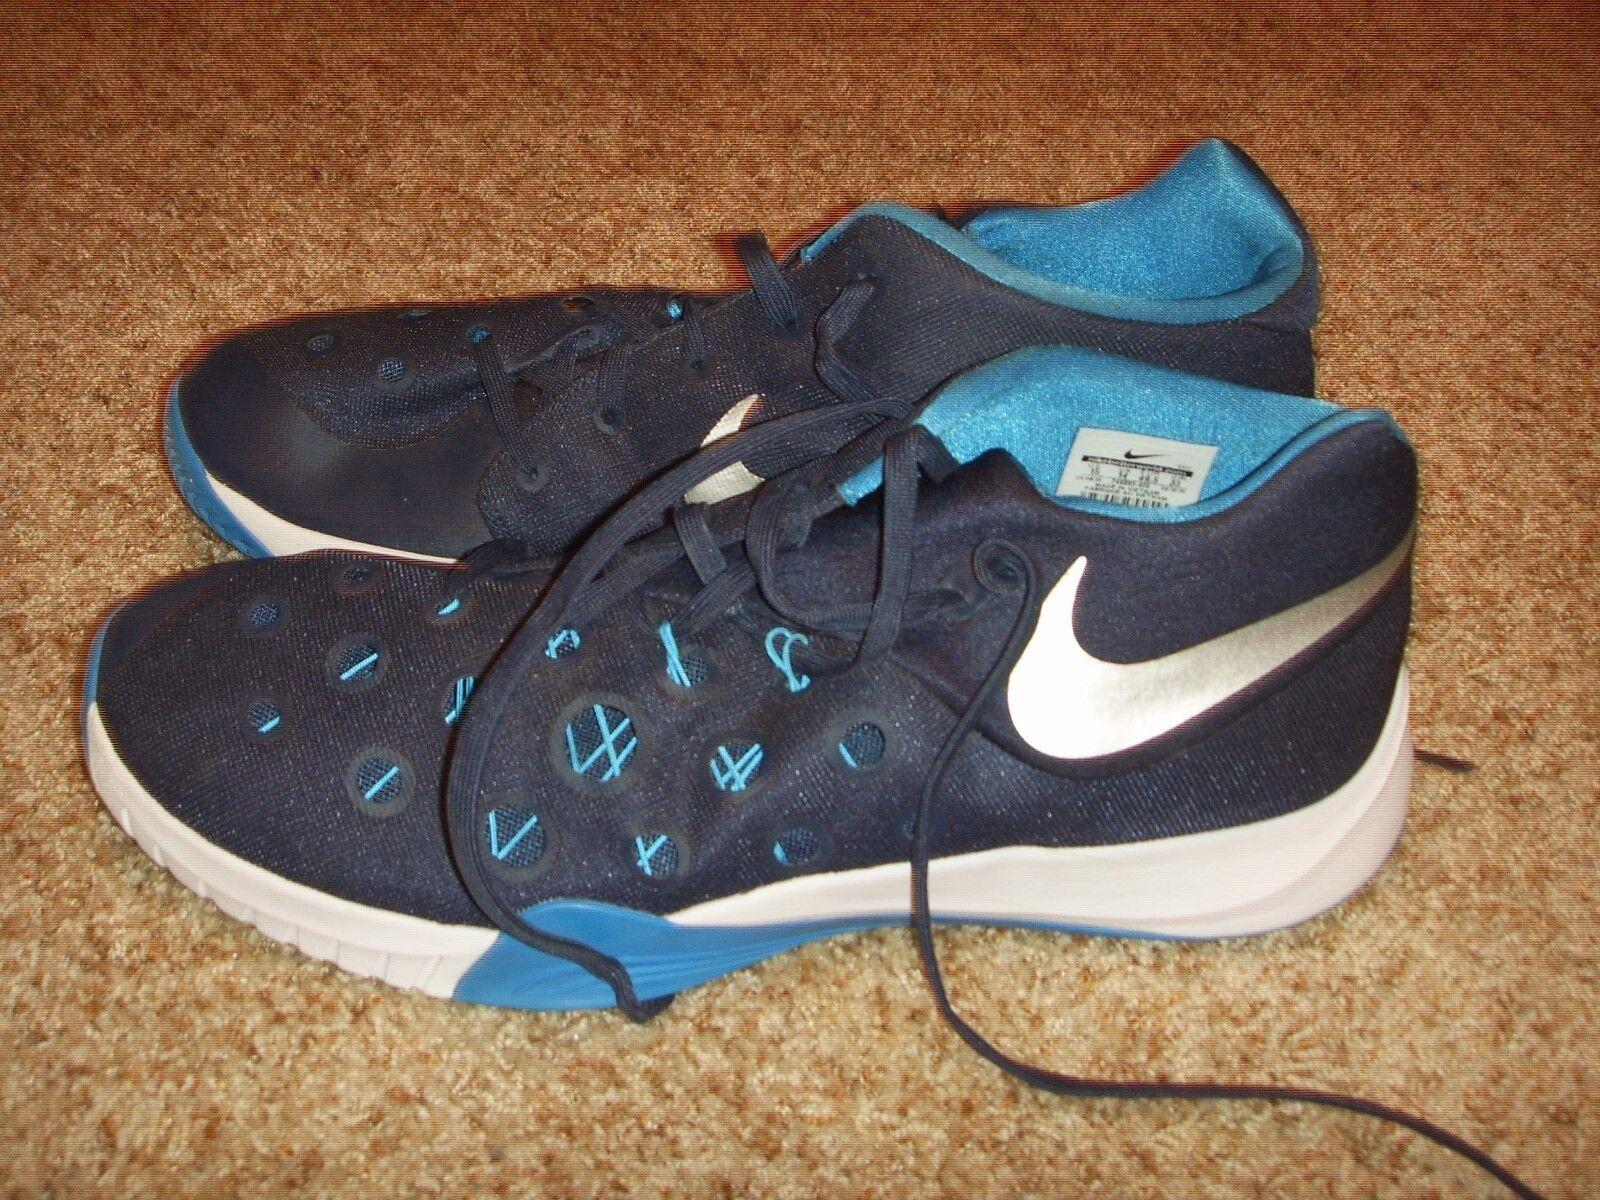 Nike Zoom hyperquickness 749883 casual 405 Midnight Navy Hombre cómodo casual 749883 salvaje b51864